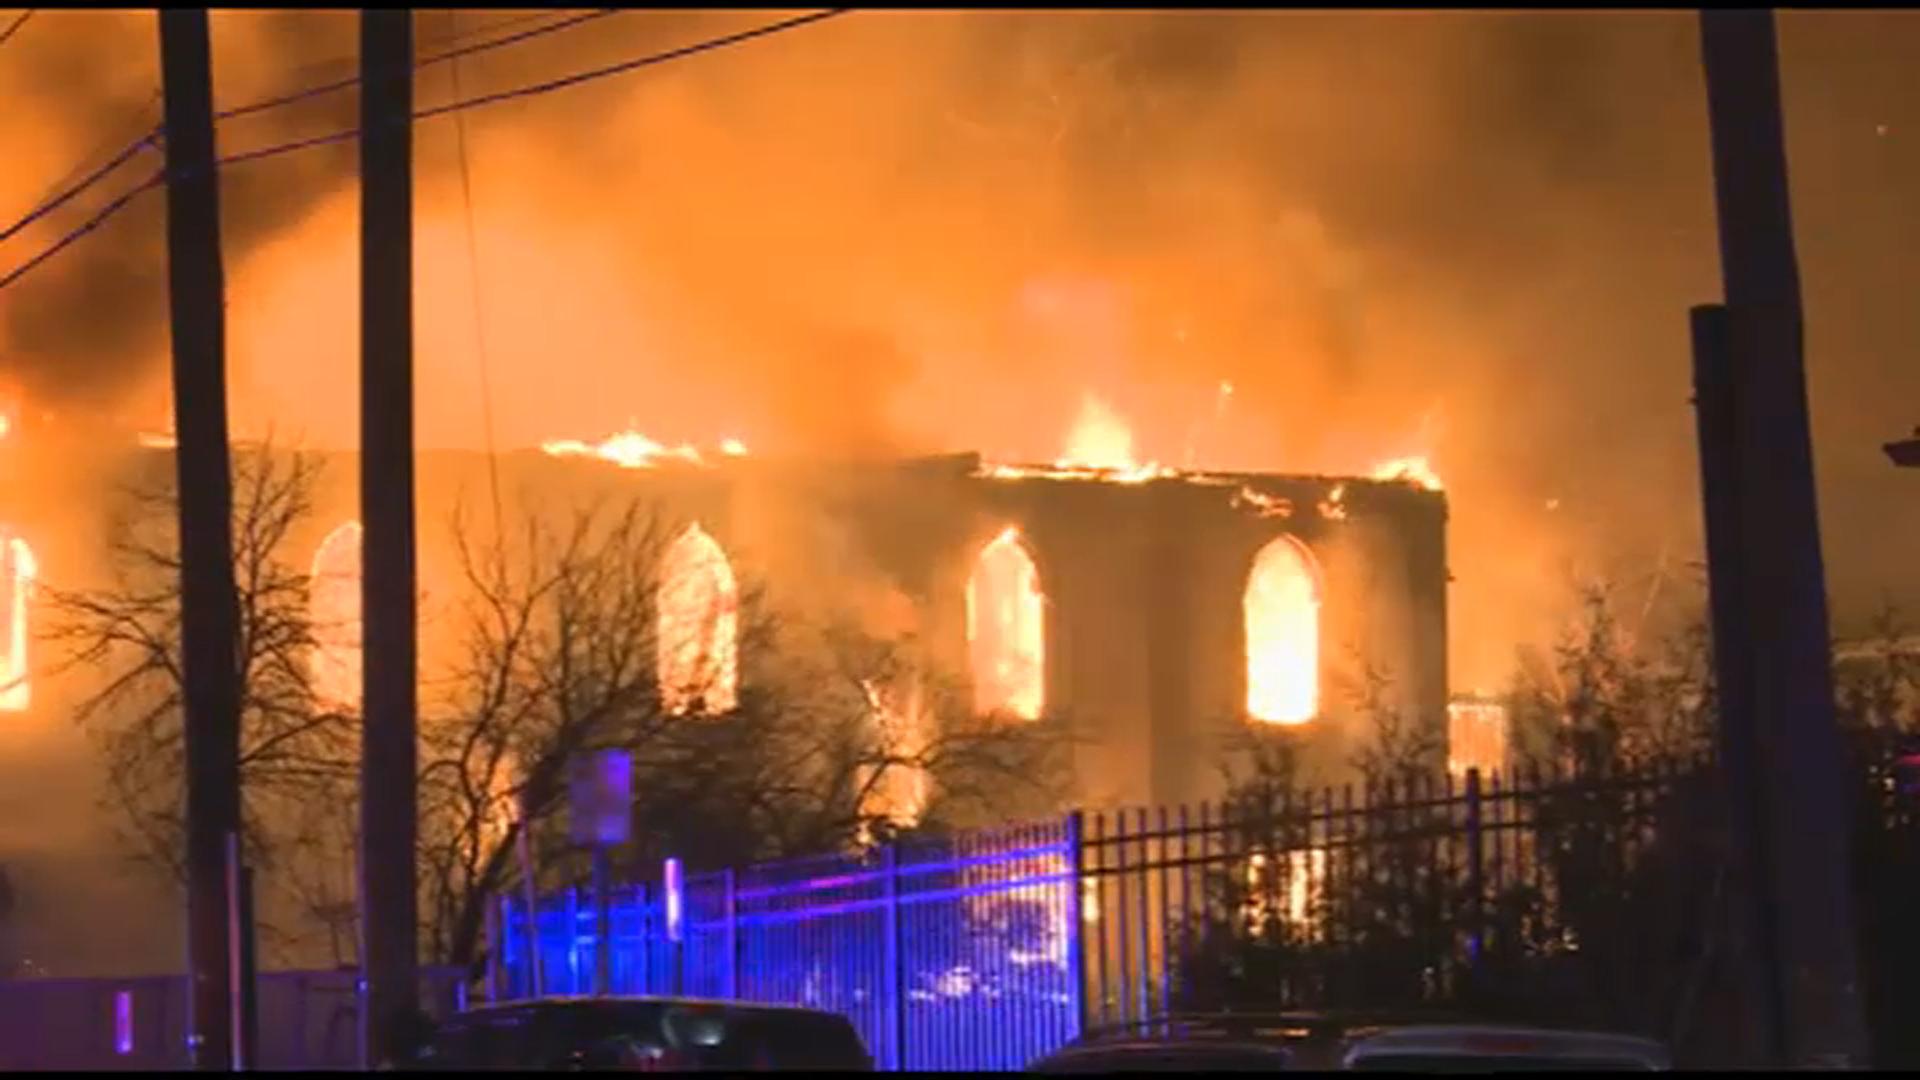 Congregants Vow to Rebuild After Fire Destroys Historic NJ Church